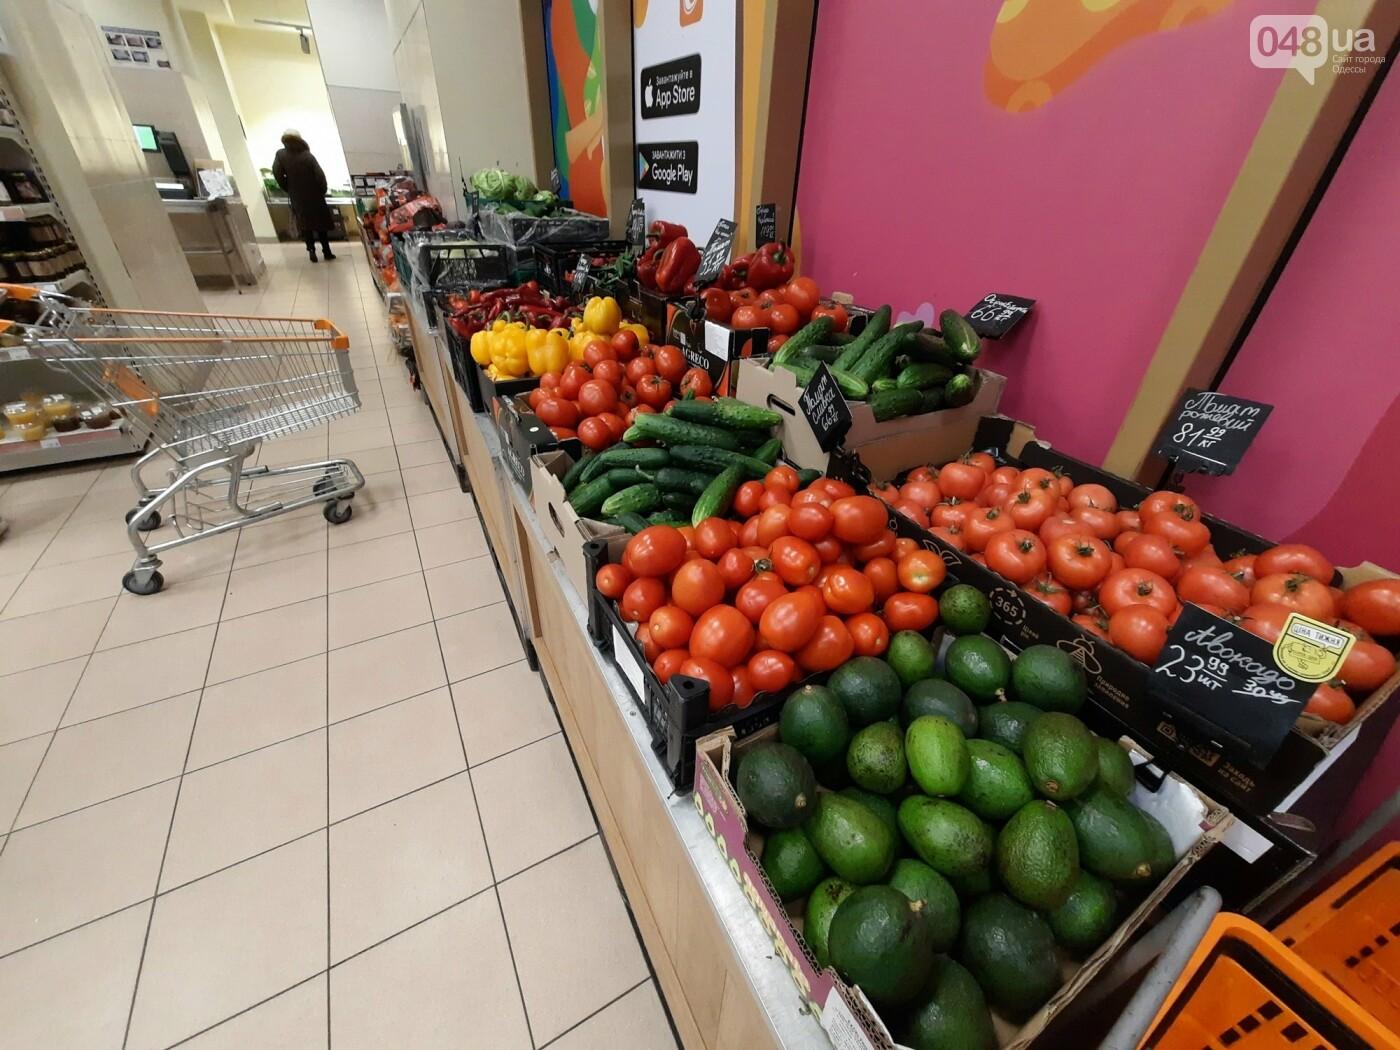 Редиска, помидоры и авокадо: как не переплачивать за покупки в супермаркетах Одессы, - ФОТО, фото-5